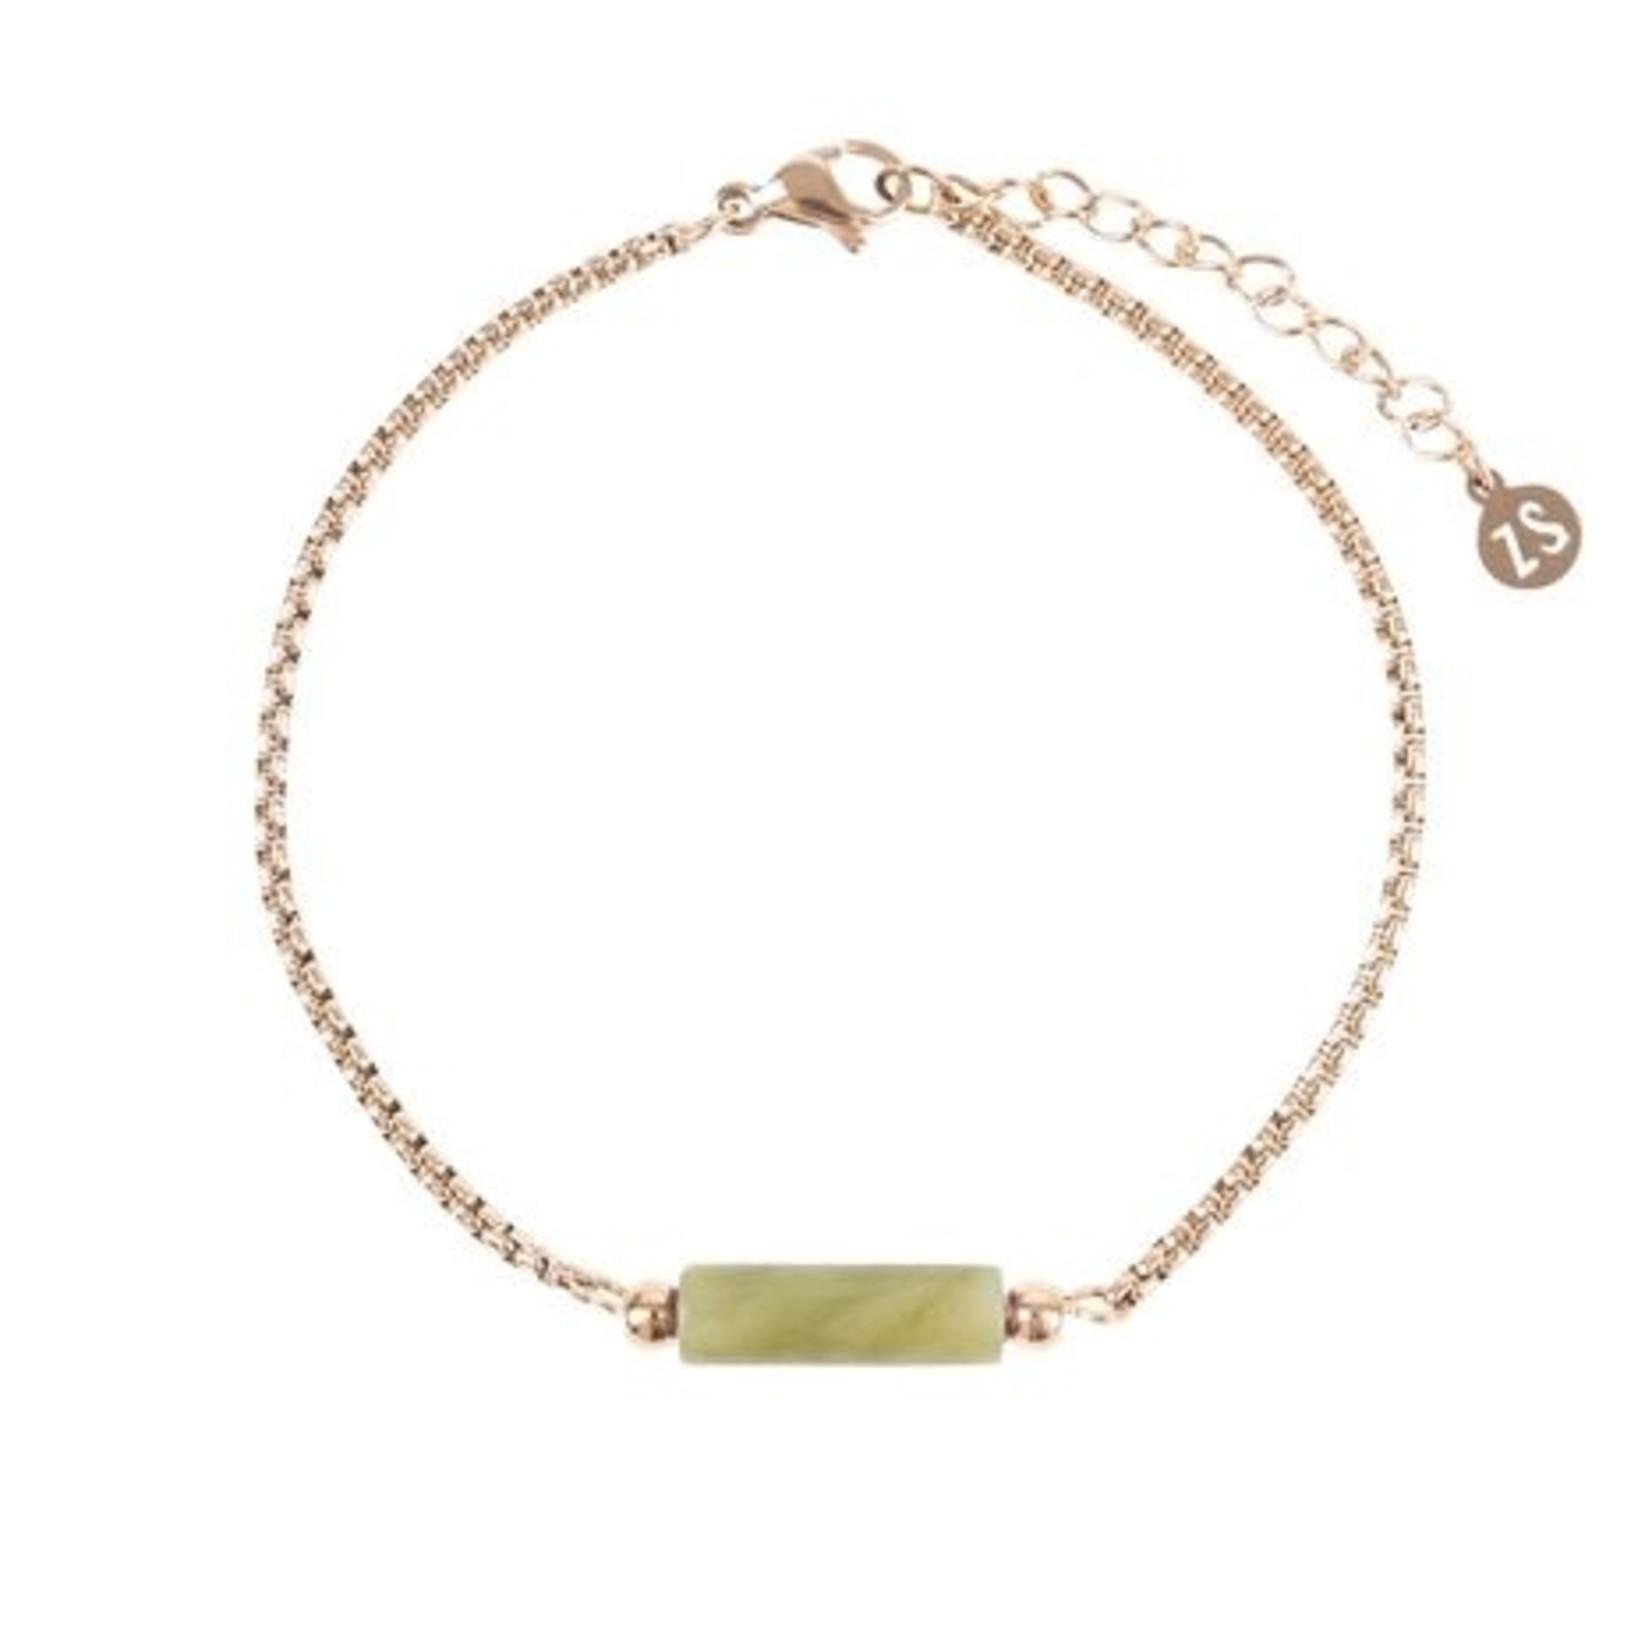 Zusss Armband - Chloriet - Goud